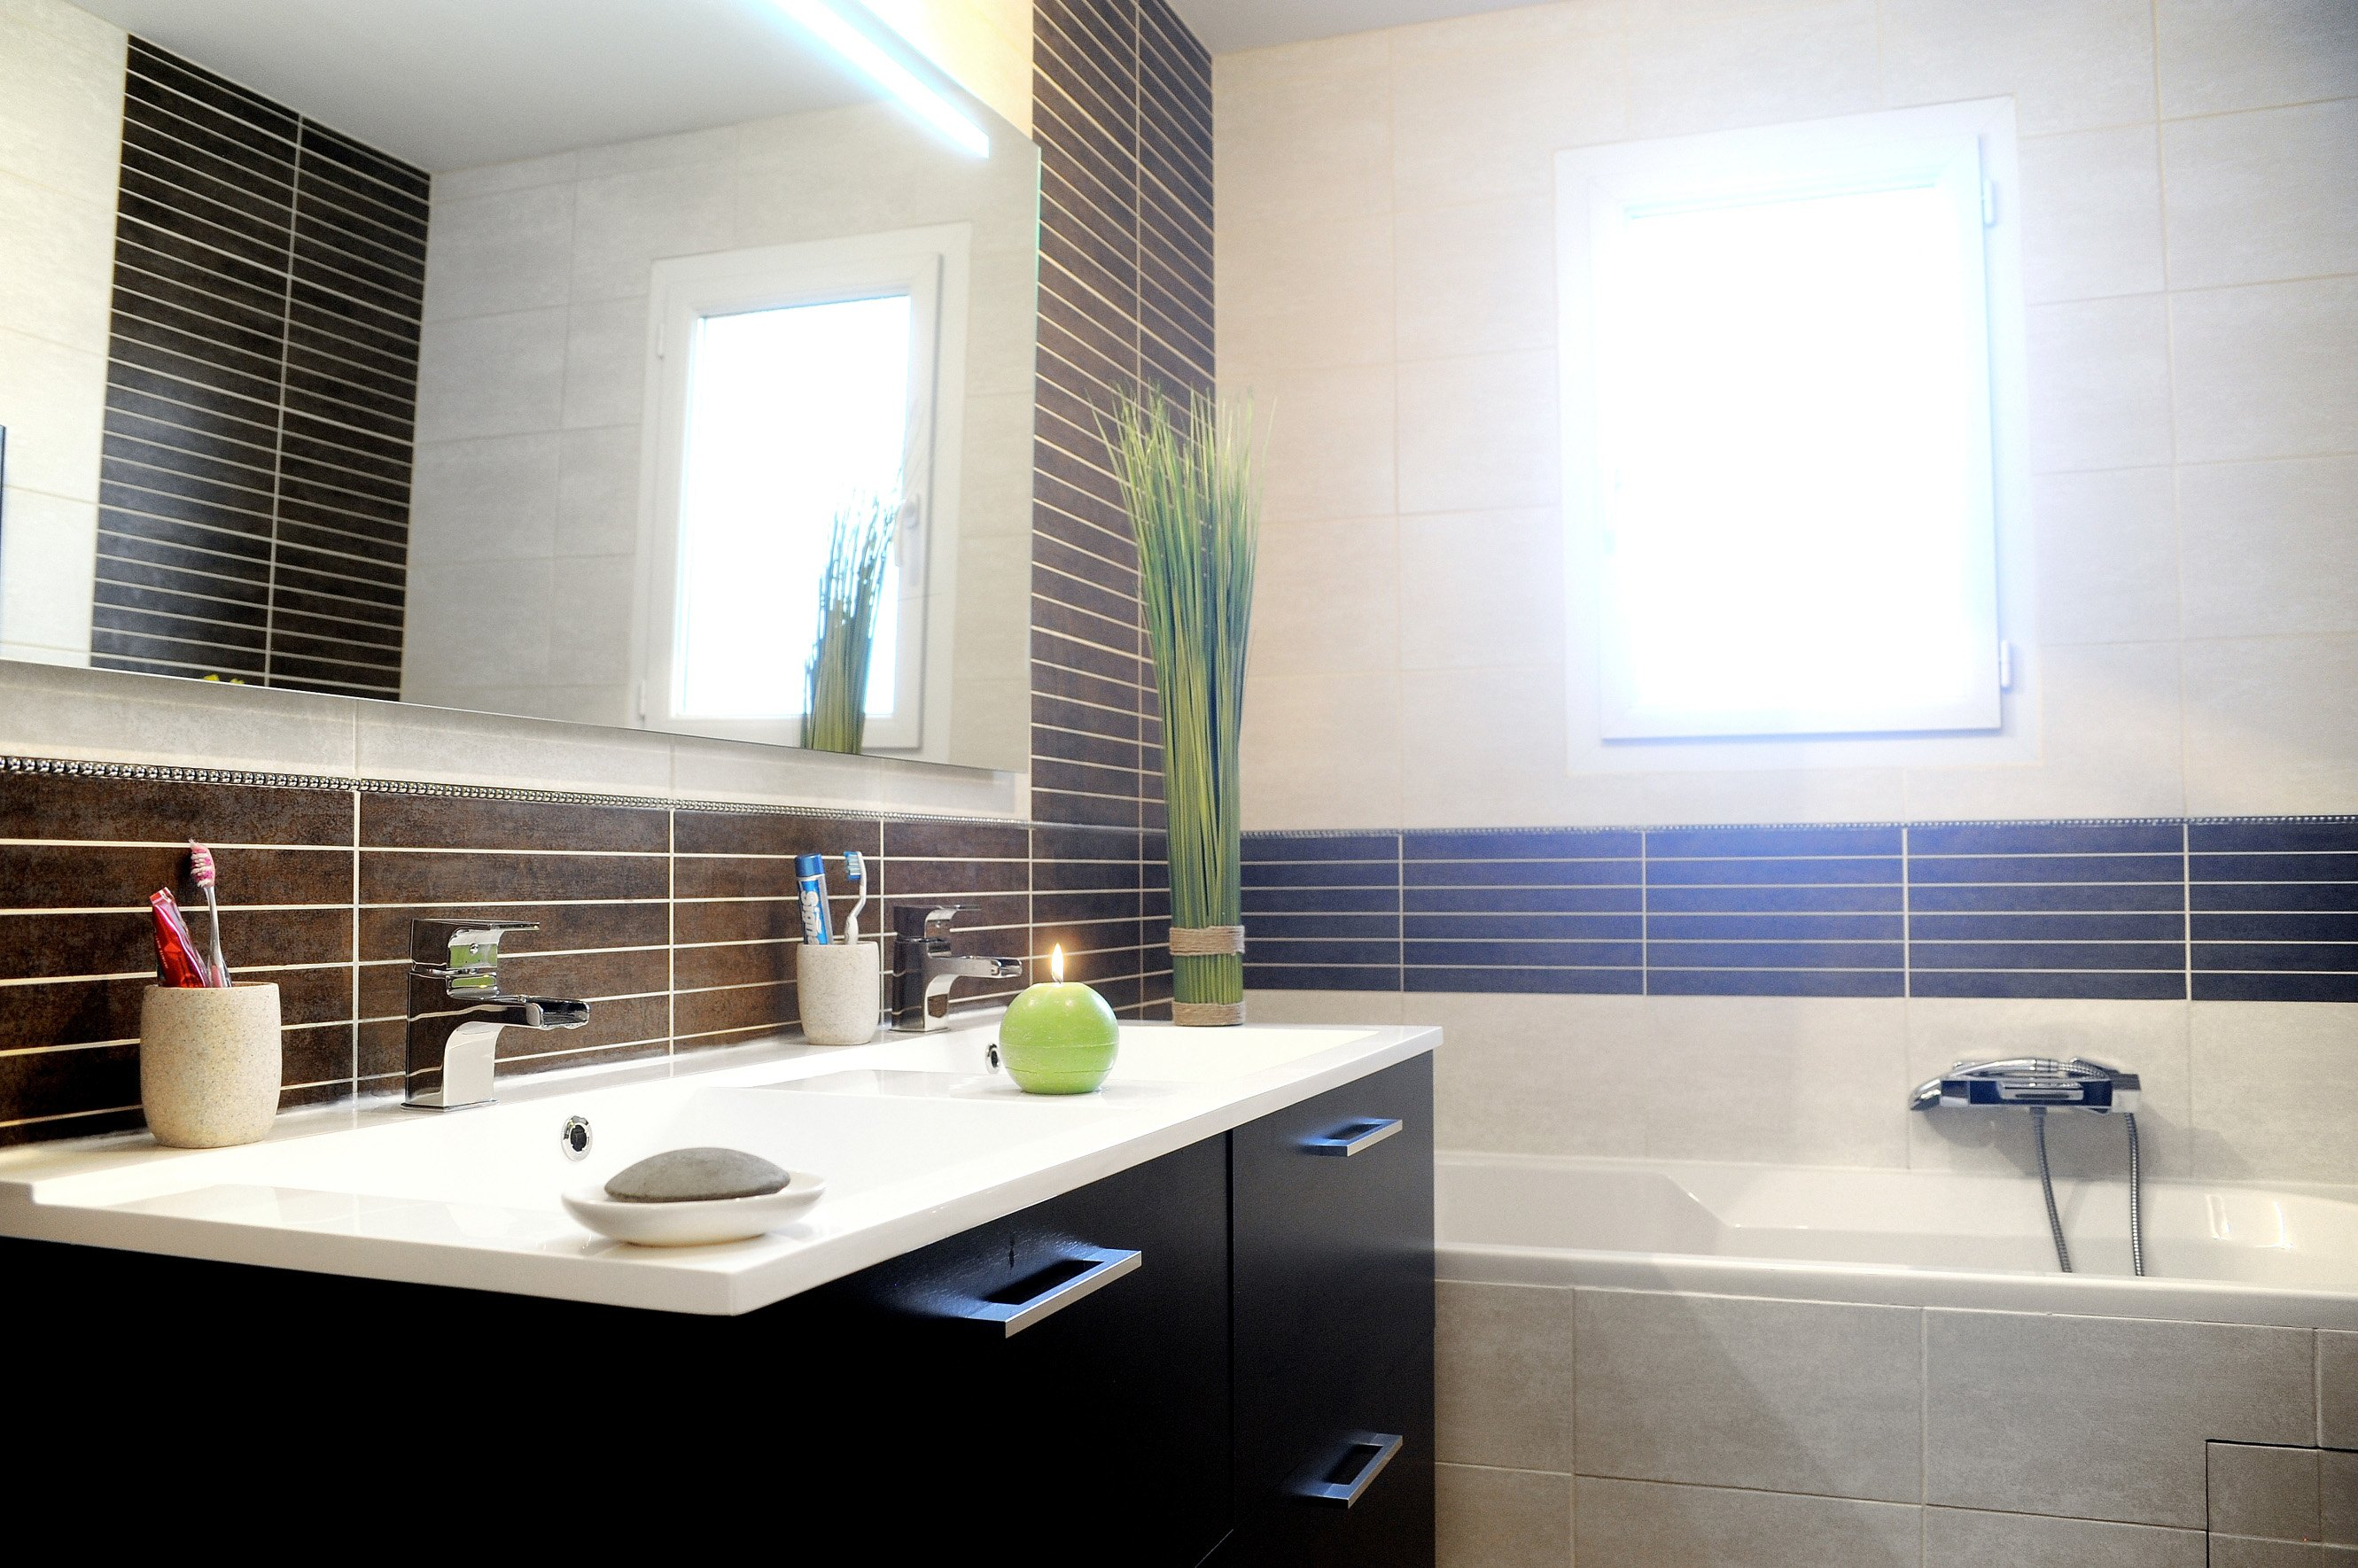 Maisons + Terrains du constructeur MAISONS PHENIX • 100 m² • NOTRE DAME D'ALLENCON